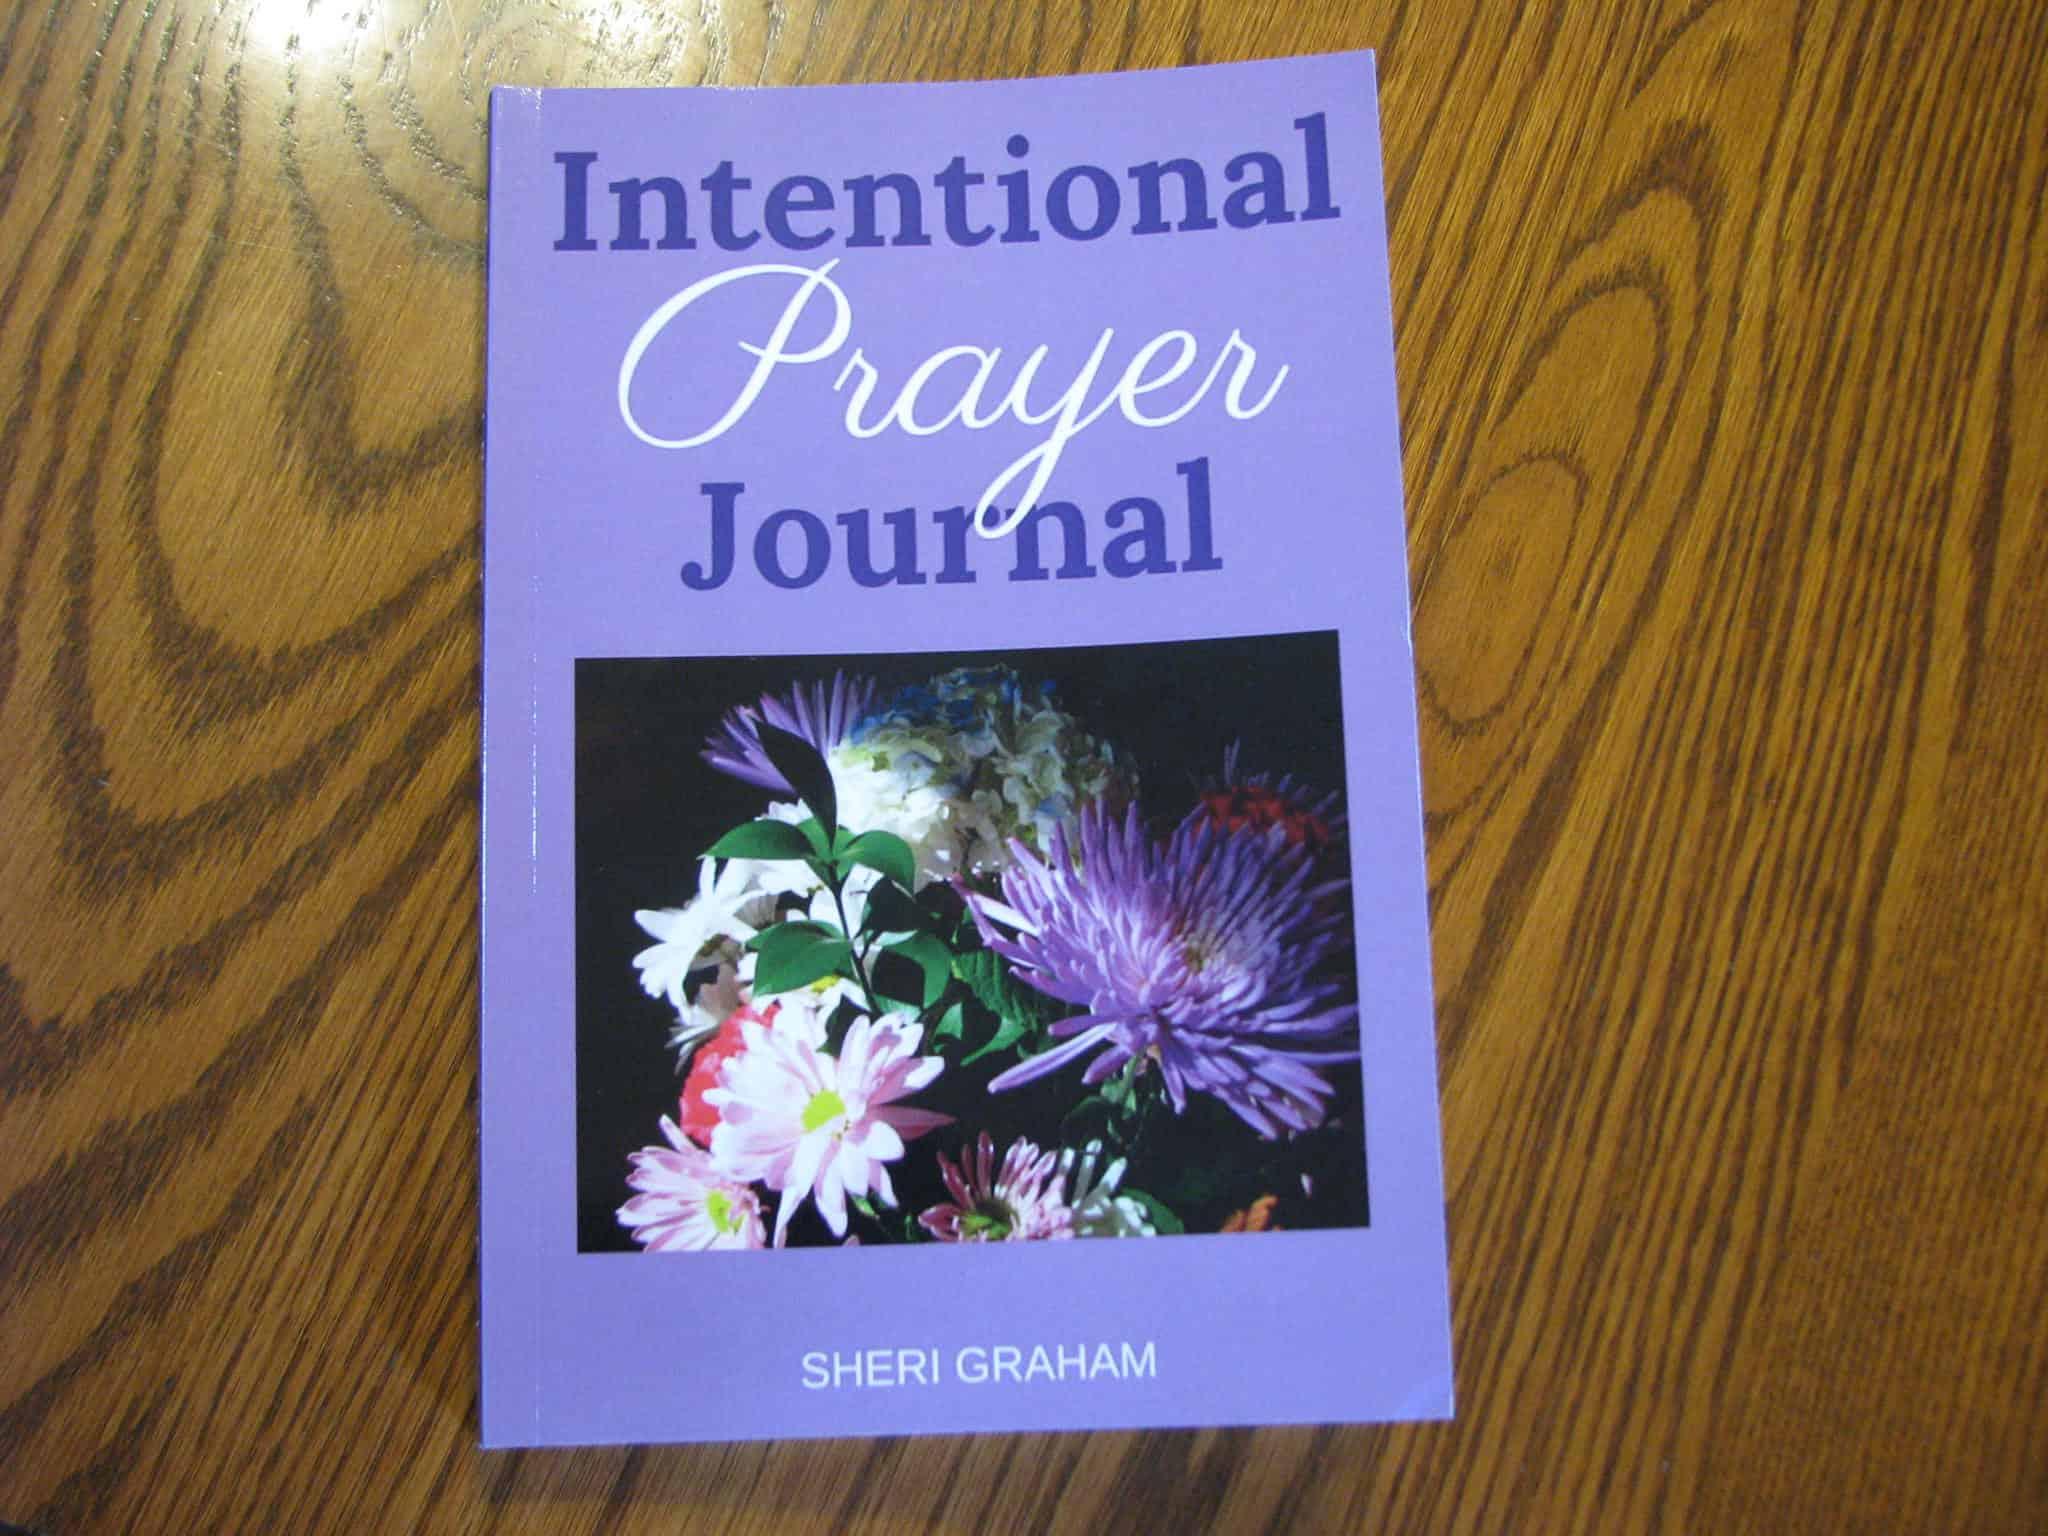 Brand new book: Intentional Prayer Journal